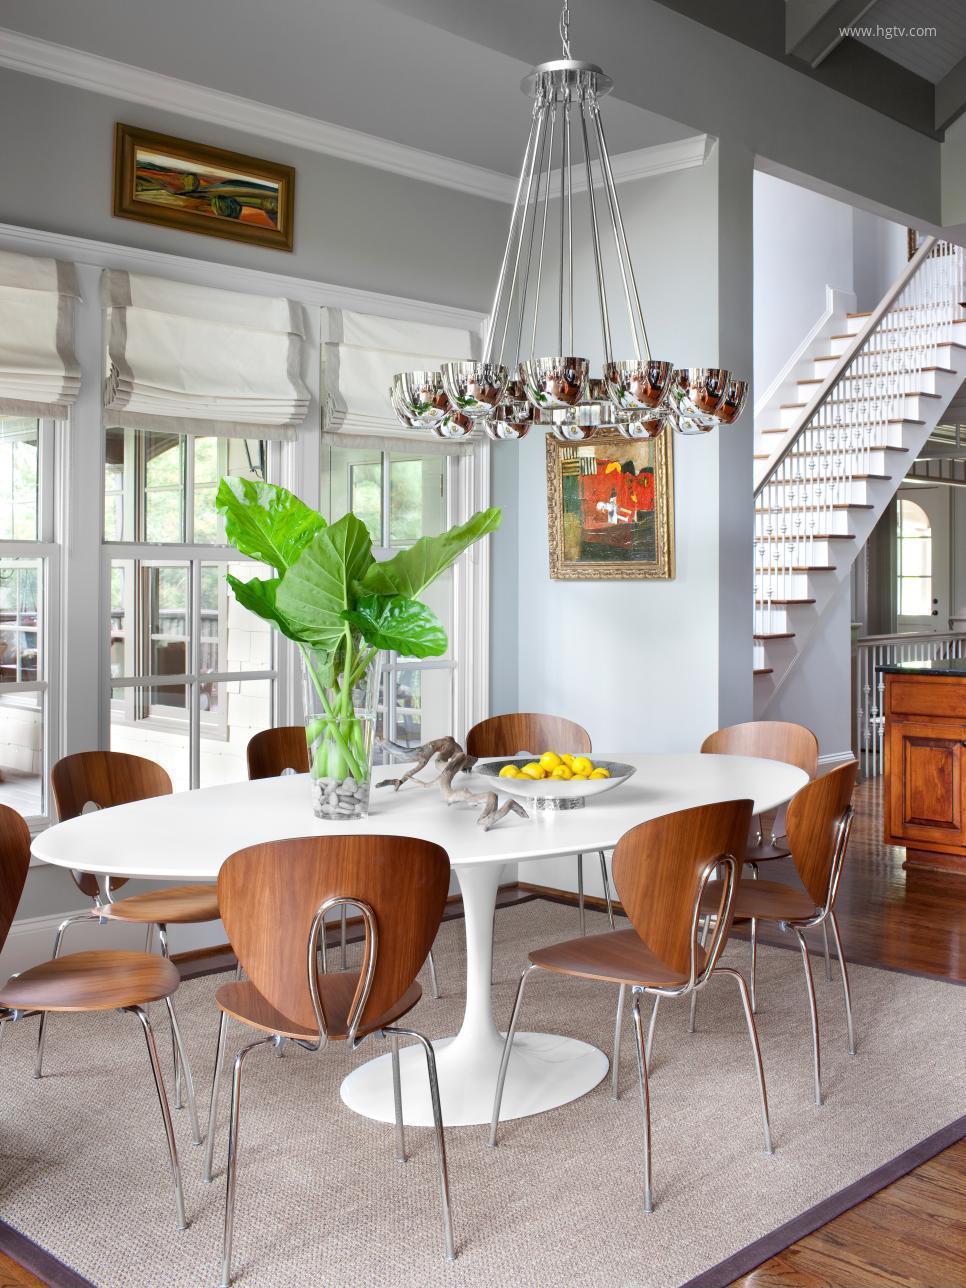 Modern étkezőasztal székekkel // HOMEINFO.hu - Inspirációtár